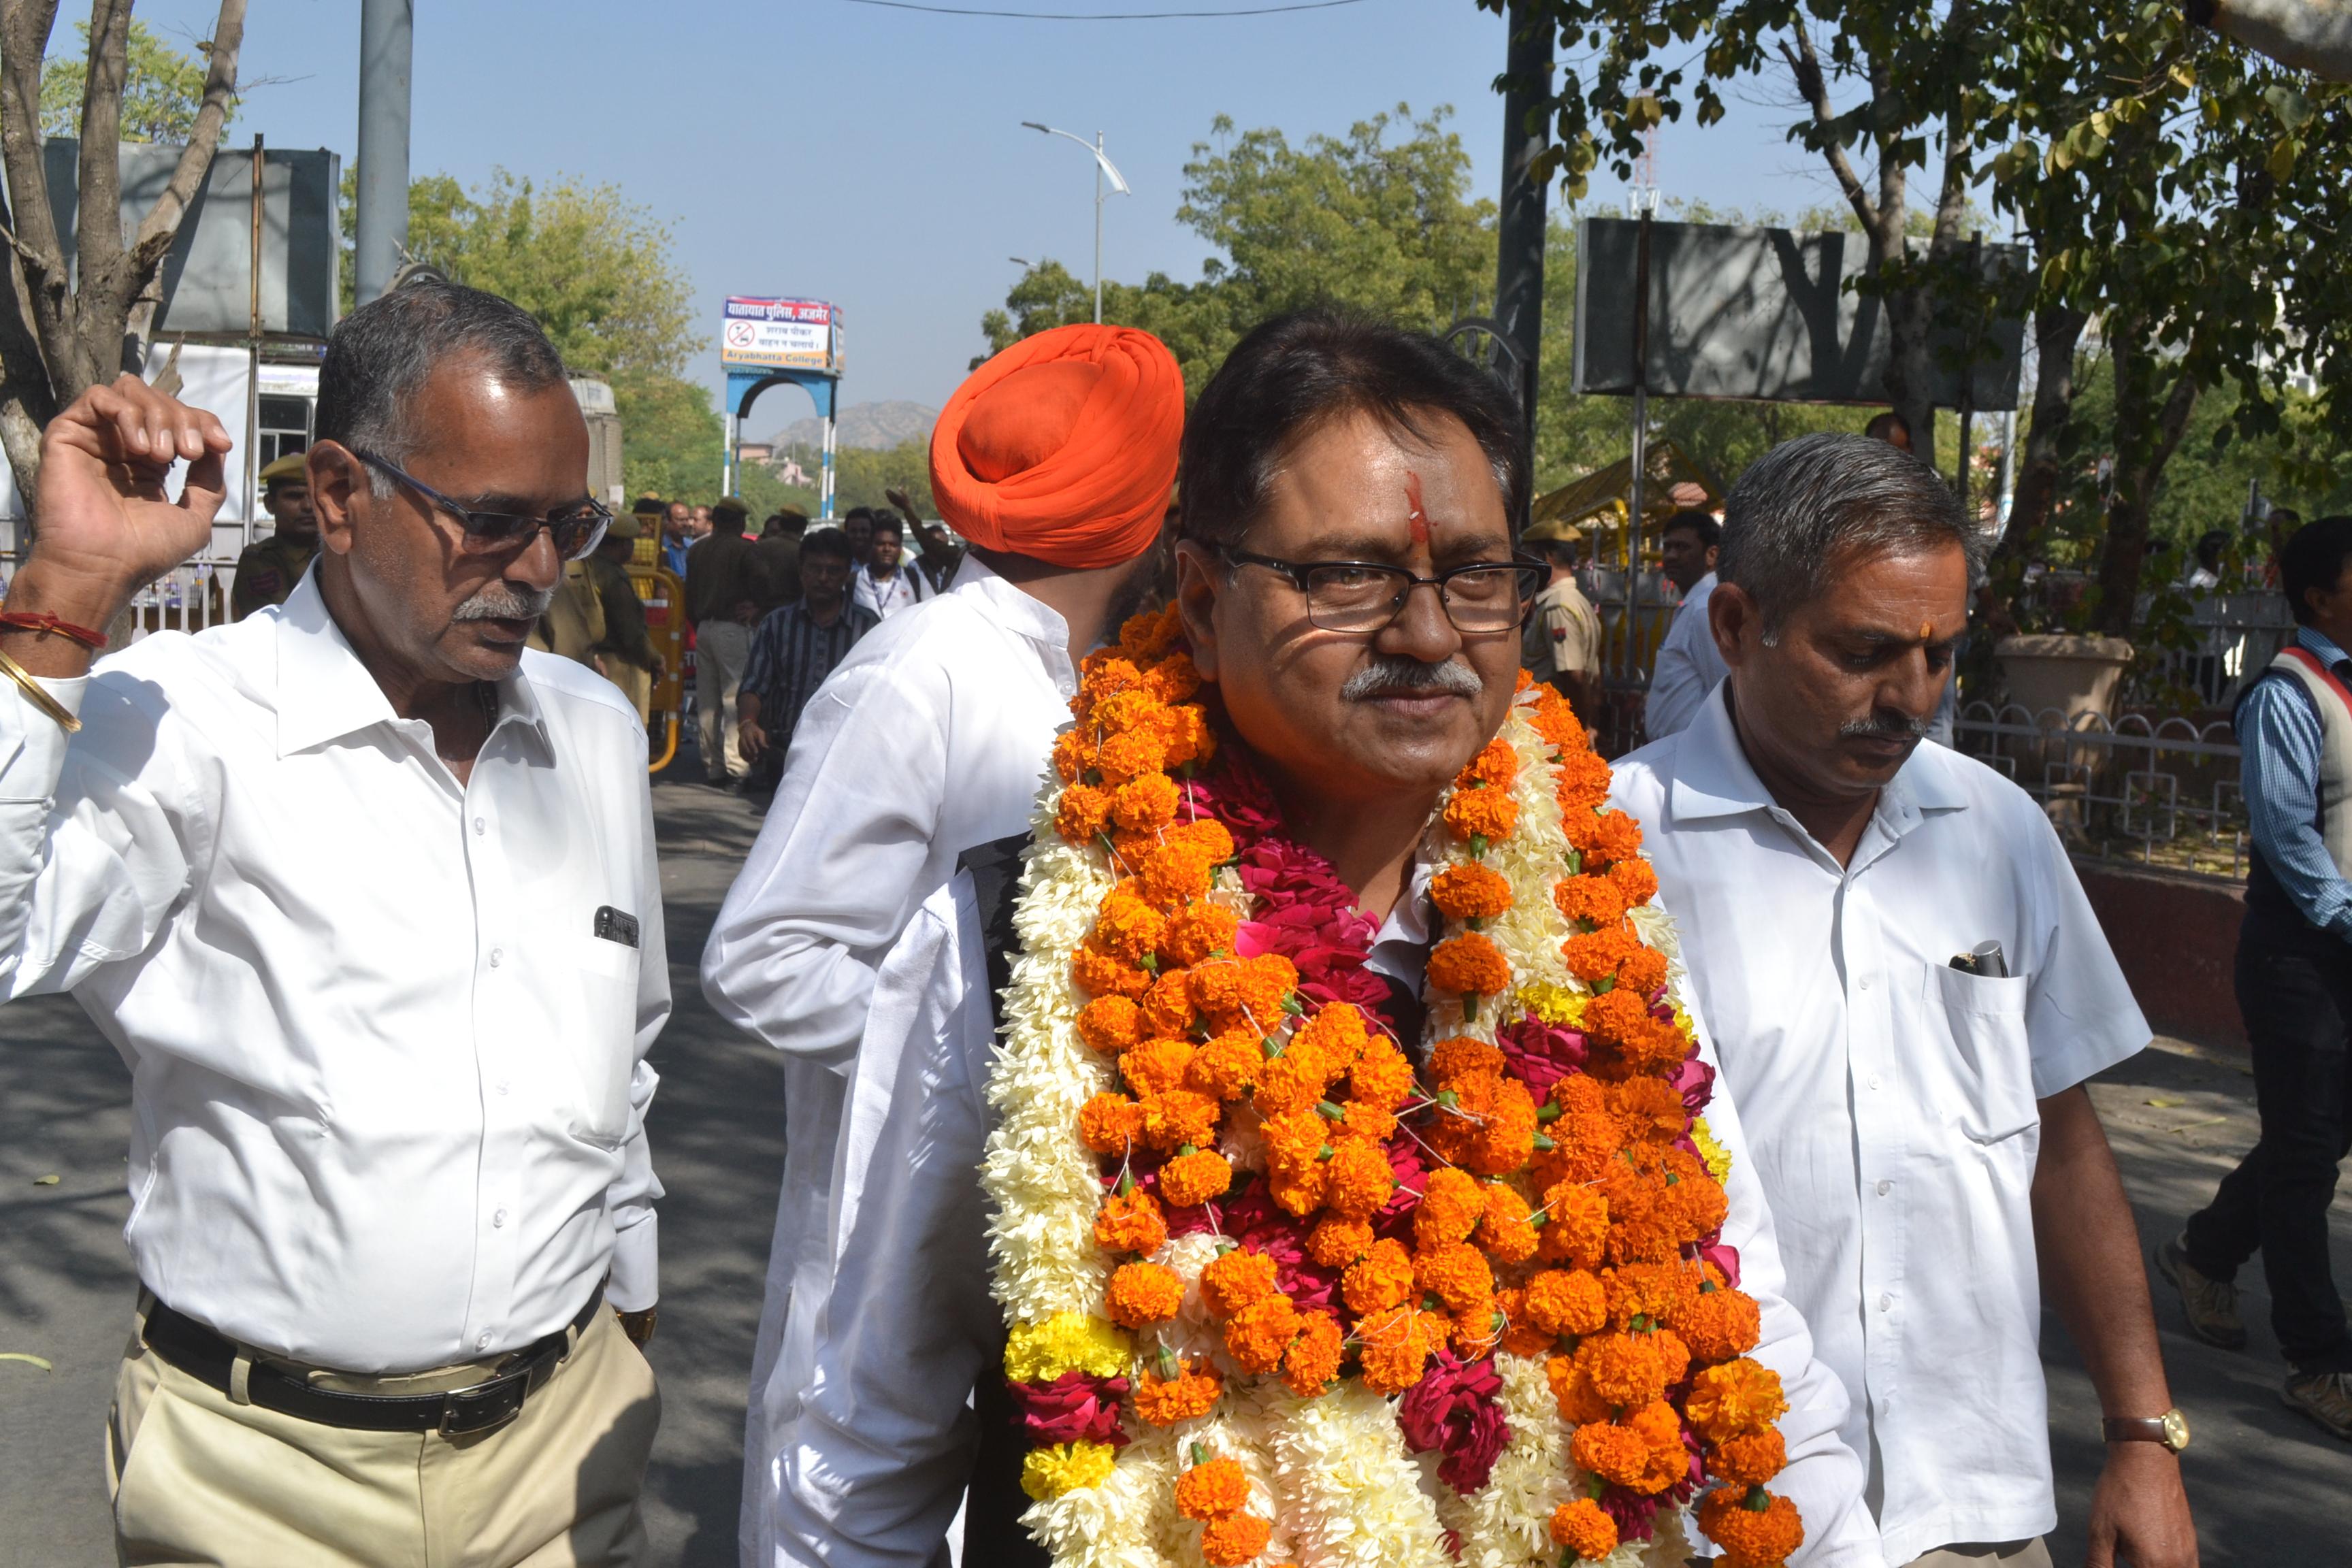 rajasthan ka ran: रूठे नेताओं से अब तक खतरा, चुनावी नैया पार करना नहीं आसान